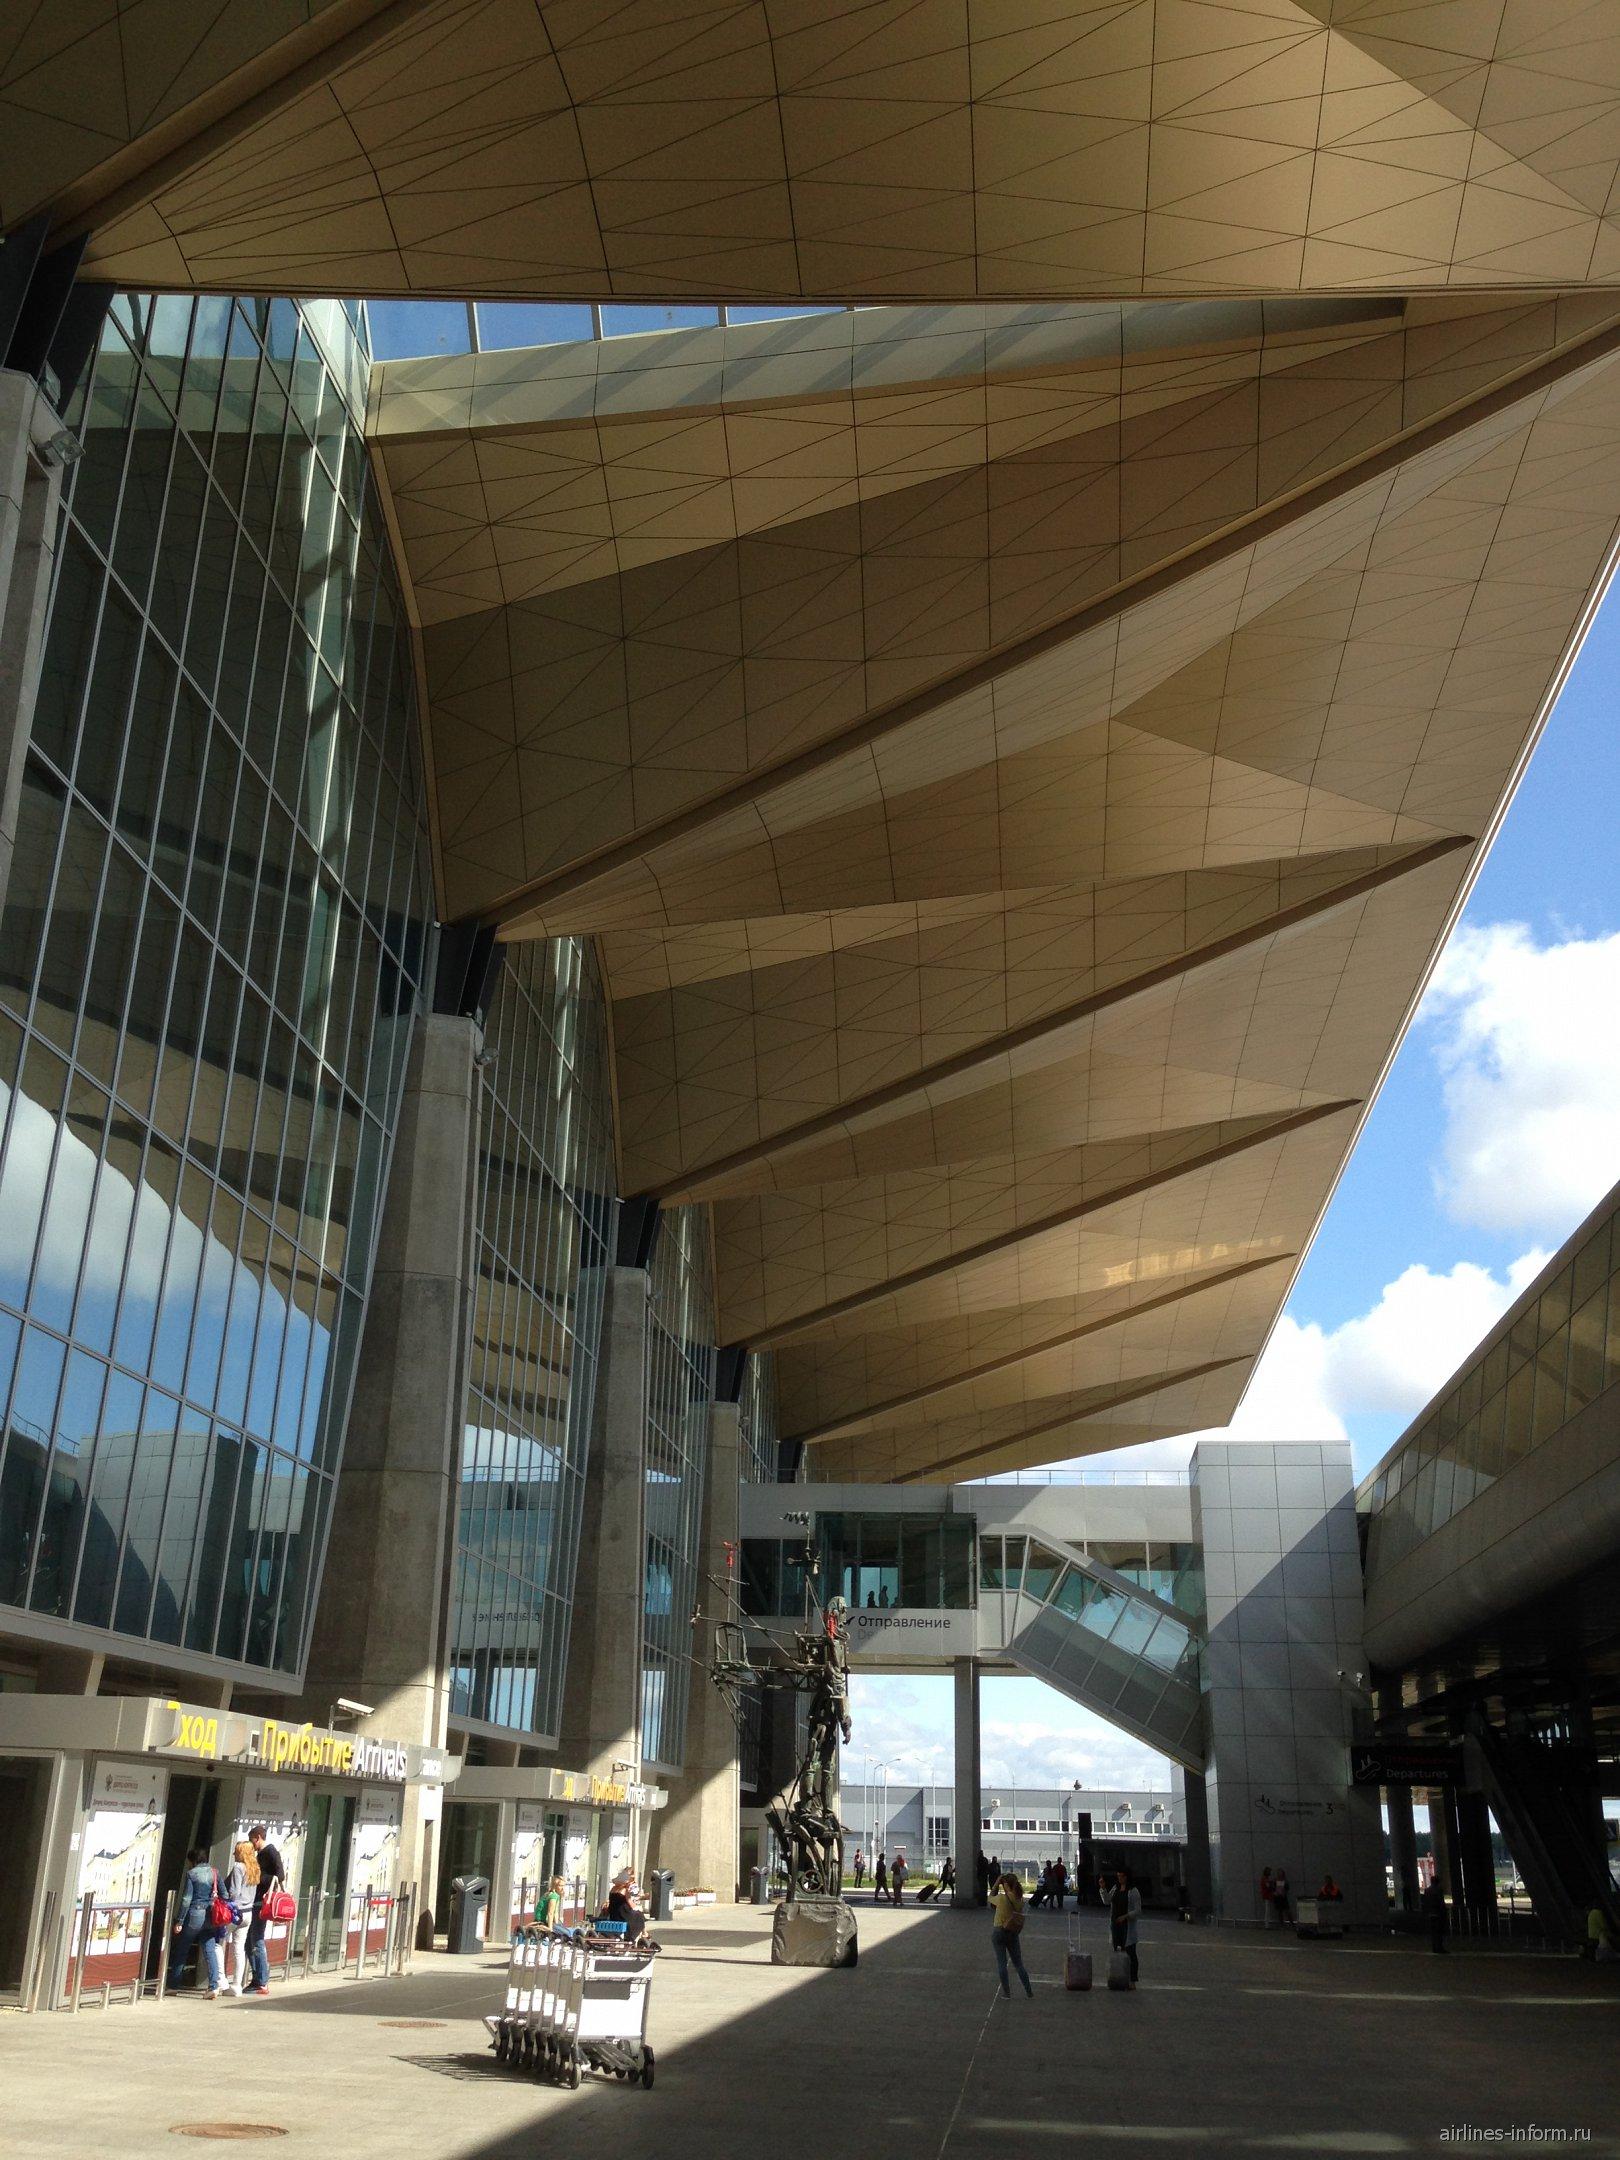 Новый пассажирский терминал аэропорта Санкт-Петербург Пулково